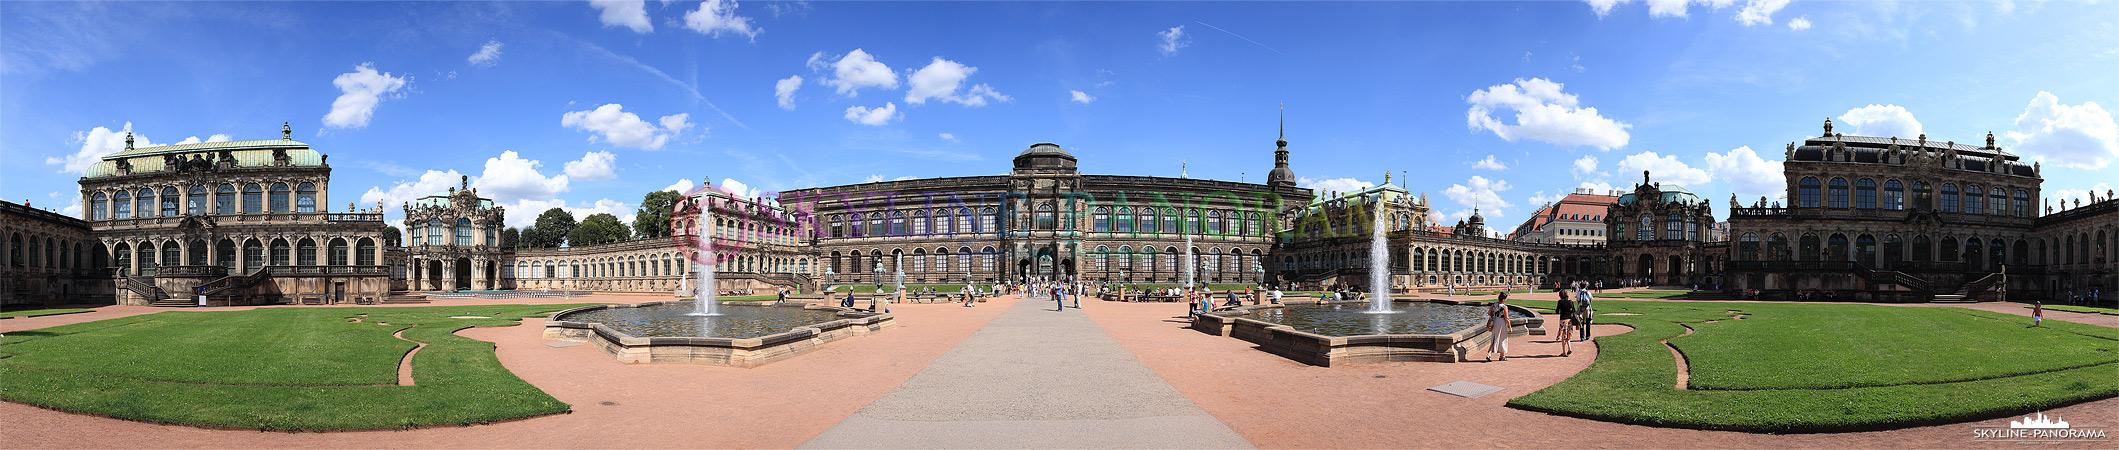 Dresdner Zwinger Panorama aus dem Innenhof mit Blick auf den Mathematisch-Physikalischer Salon, dem Wallpavillon, dem Französischen Pavillon, der Rüstkammer im Zentrum, weiter zum Deutschen Pavillon und am rechten Bildende den Glockenspielpavillon.